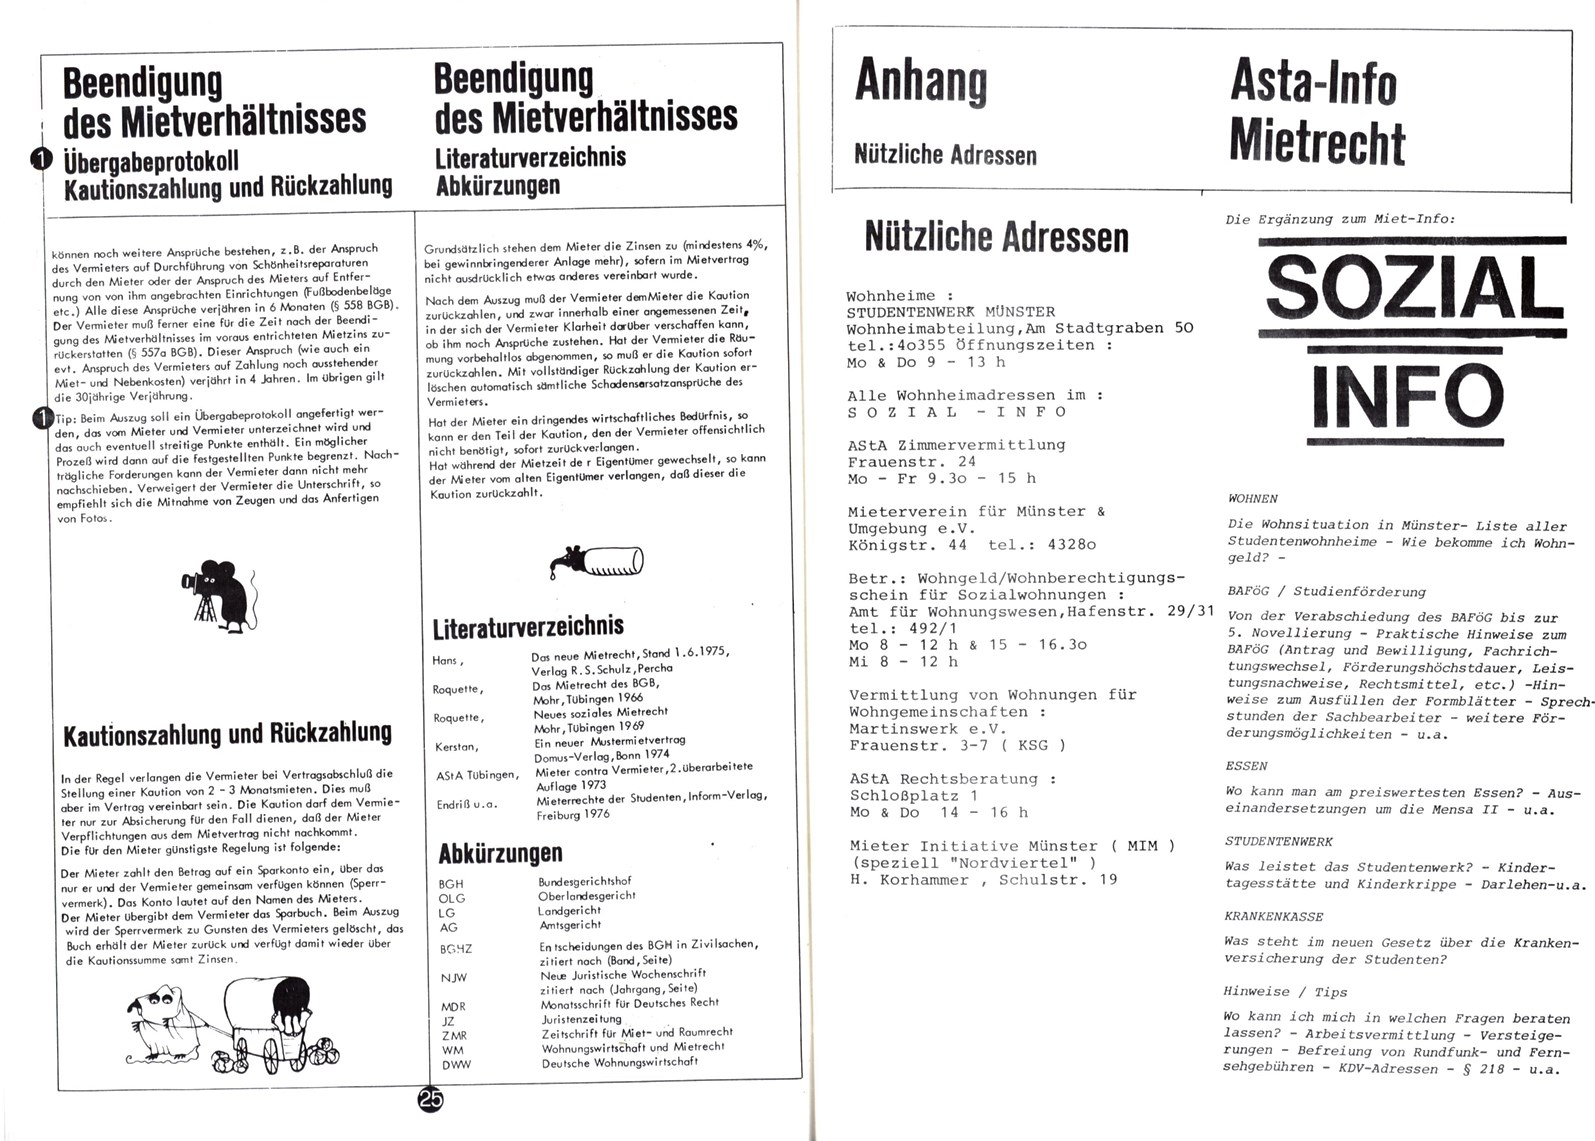 Muenster_AStA_Info_19770000_Mietinfo1_14